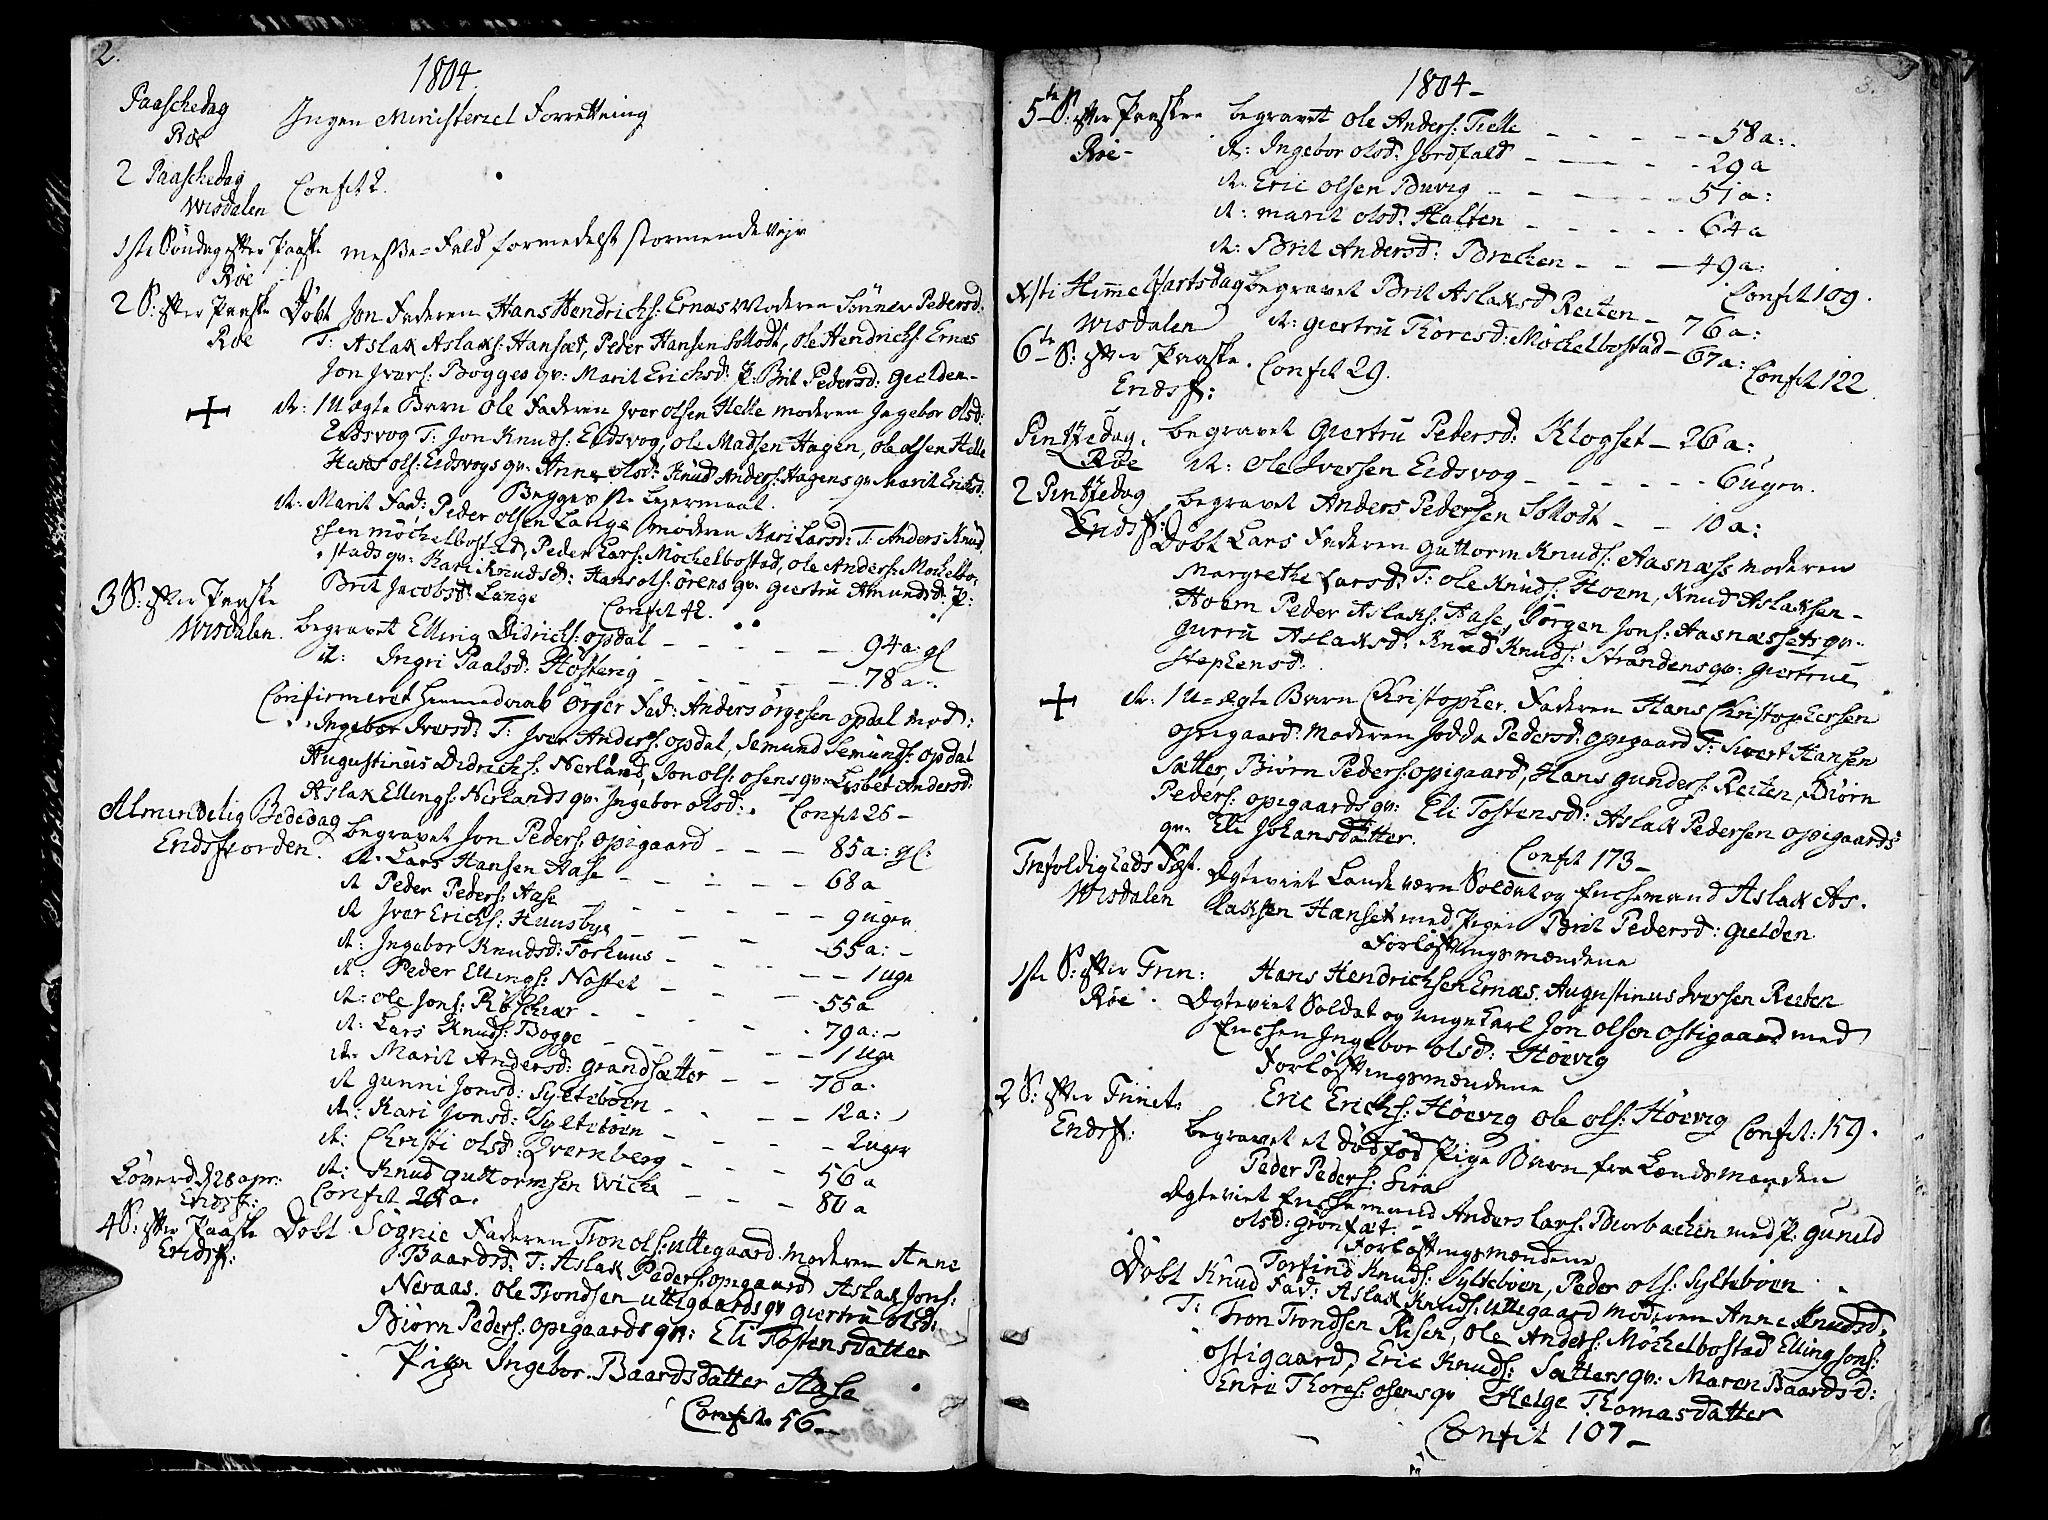 SAT, Ministerialprotokoller, klokkerbøker og fødselsregistre - Møre og Romsdal, 551/L0622: Ministerialbok nr. 551A02, 1804-1845, s. 2-3